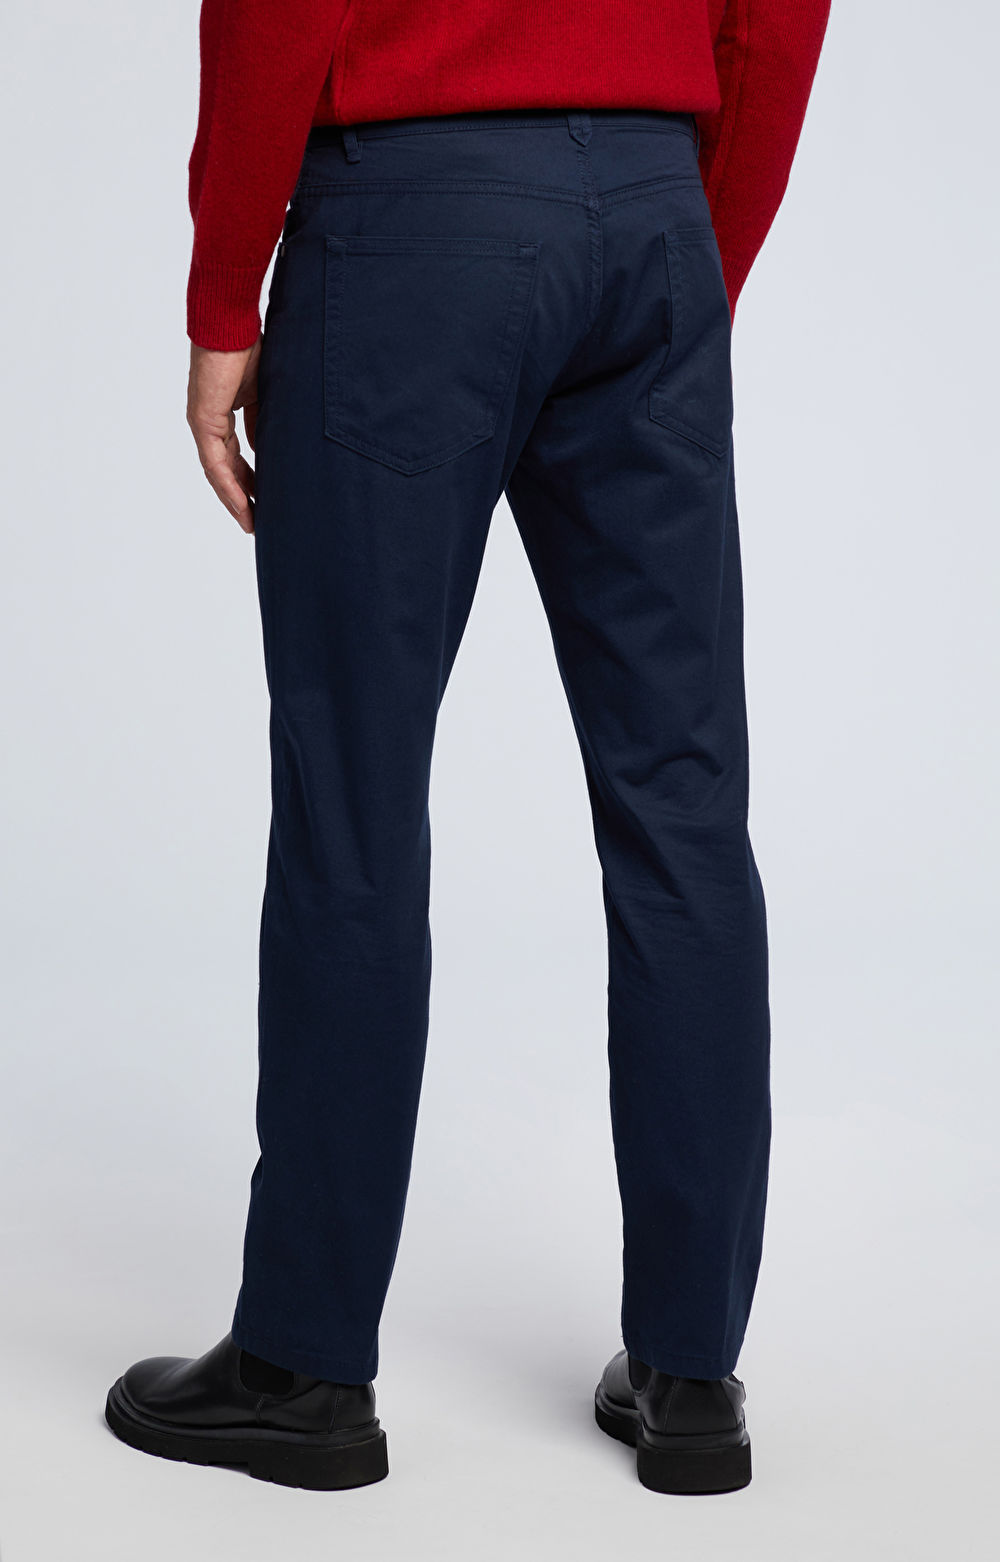 Spodnie z pięcioma kieszeniami